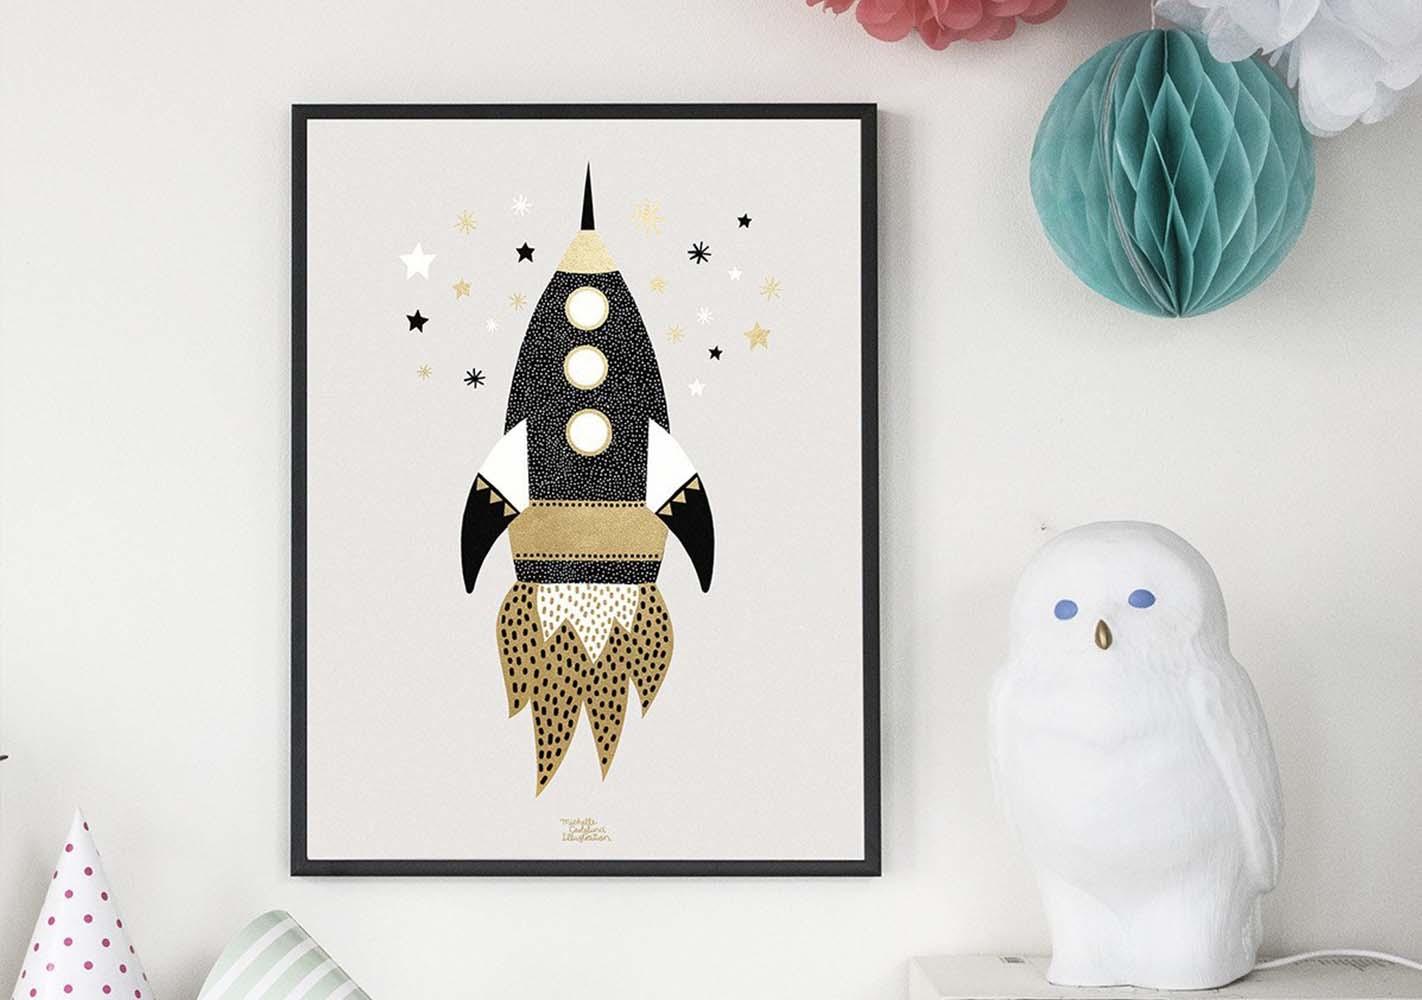 Affiche Gold Space Ship - MICHELLE CARLSLUND